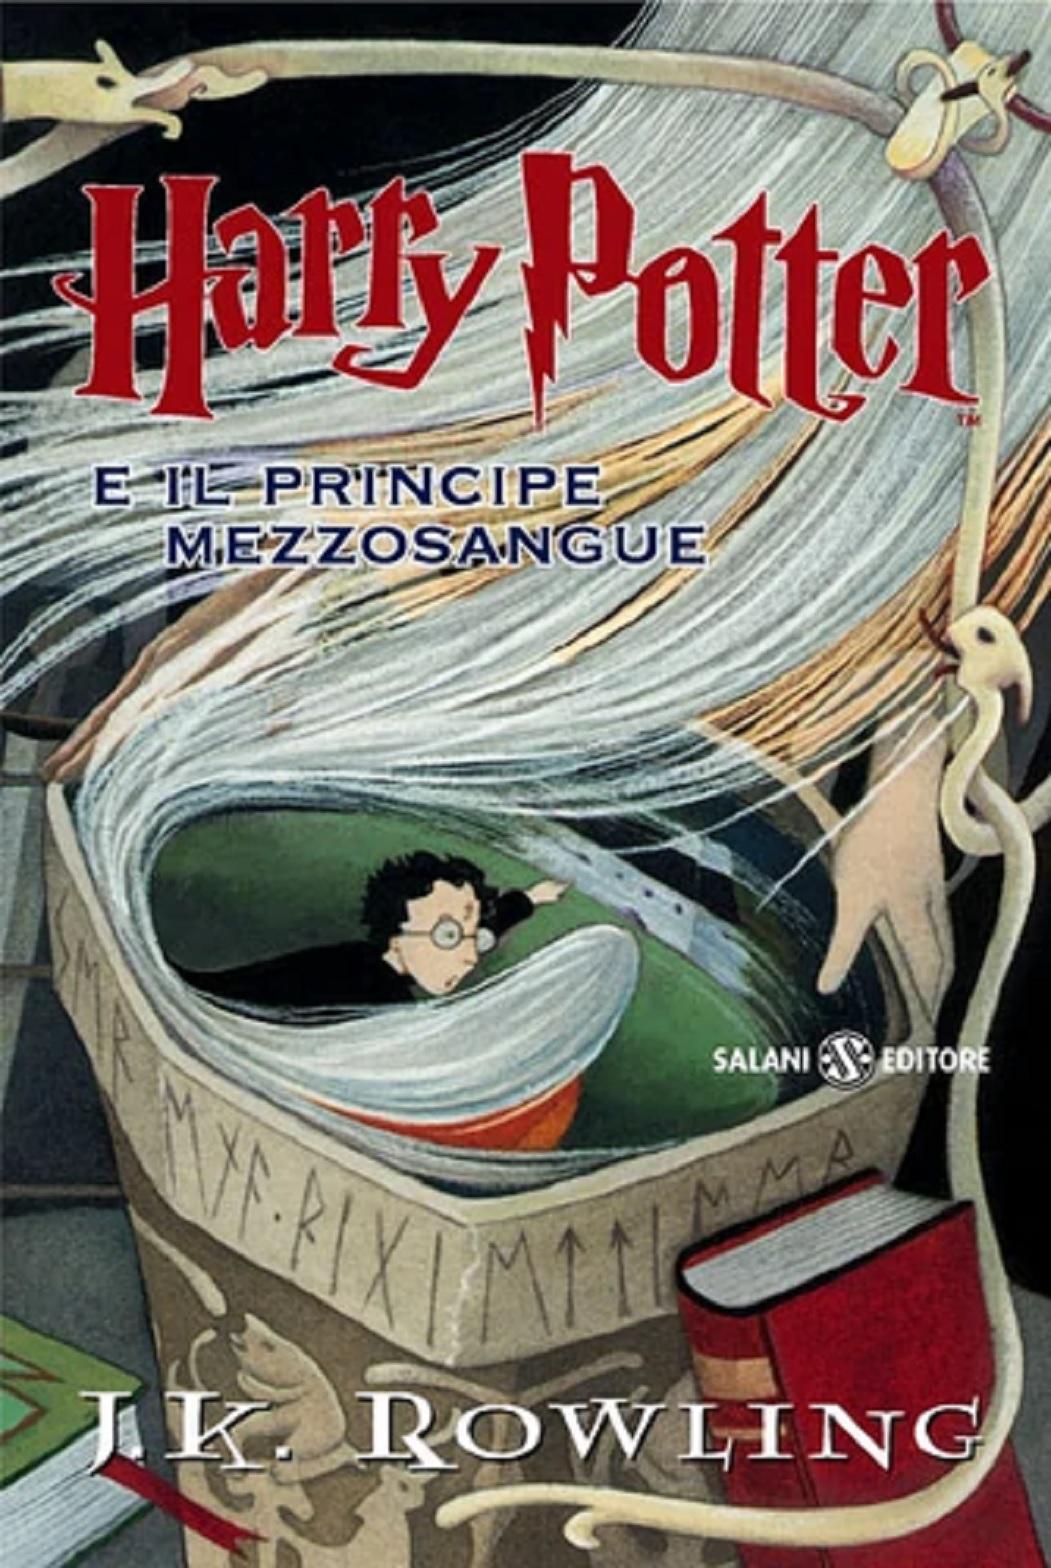 Harry Potter e il Principe Mezzosangue Prima Edizione Serena Riglietti